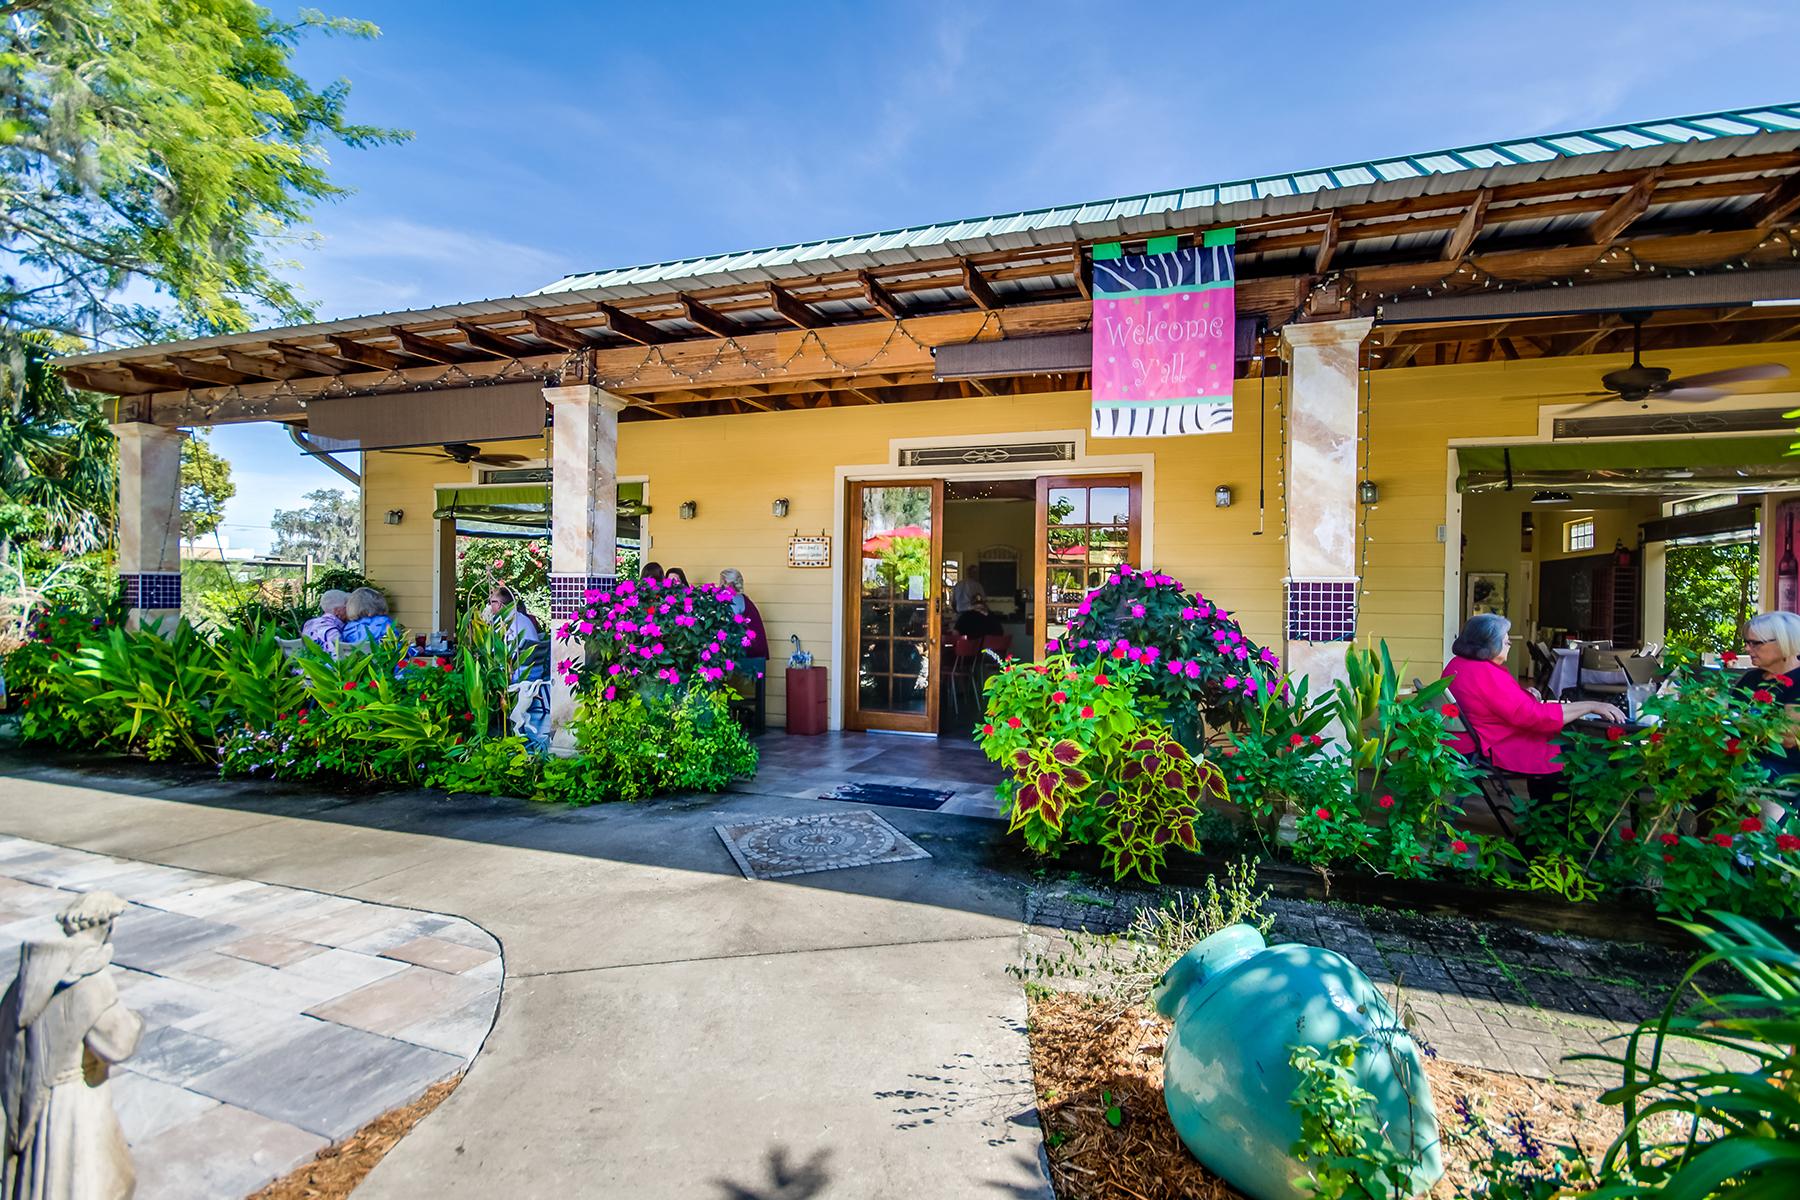 Commercial for Sale at SEBRING FLORIDA 420 N Ridgewood Dr, Sebring, Florida 33870 United States